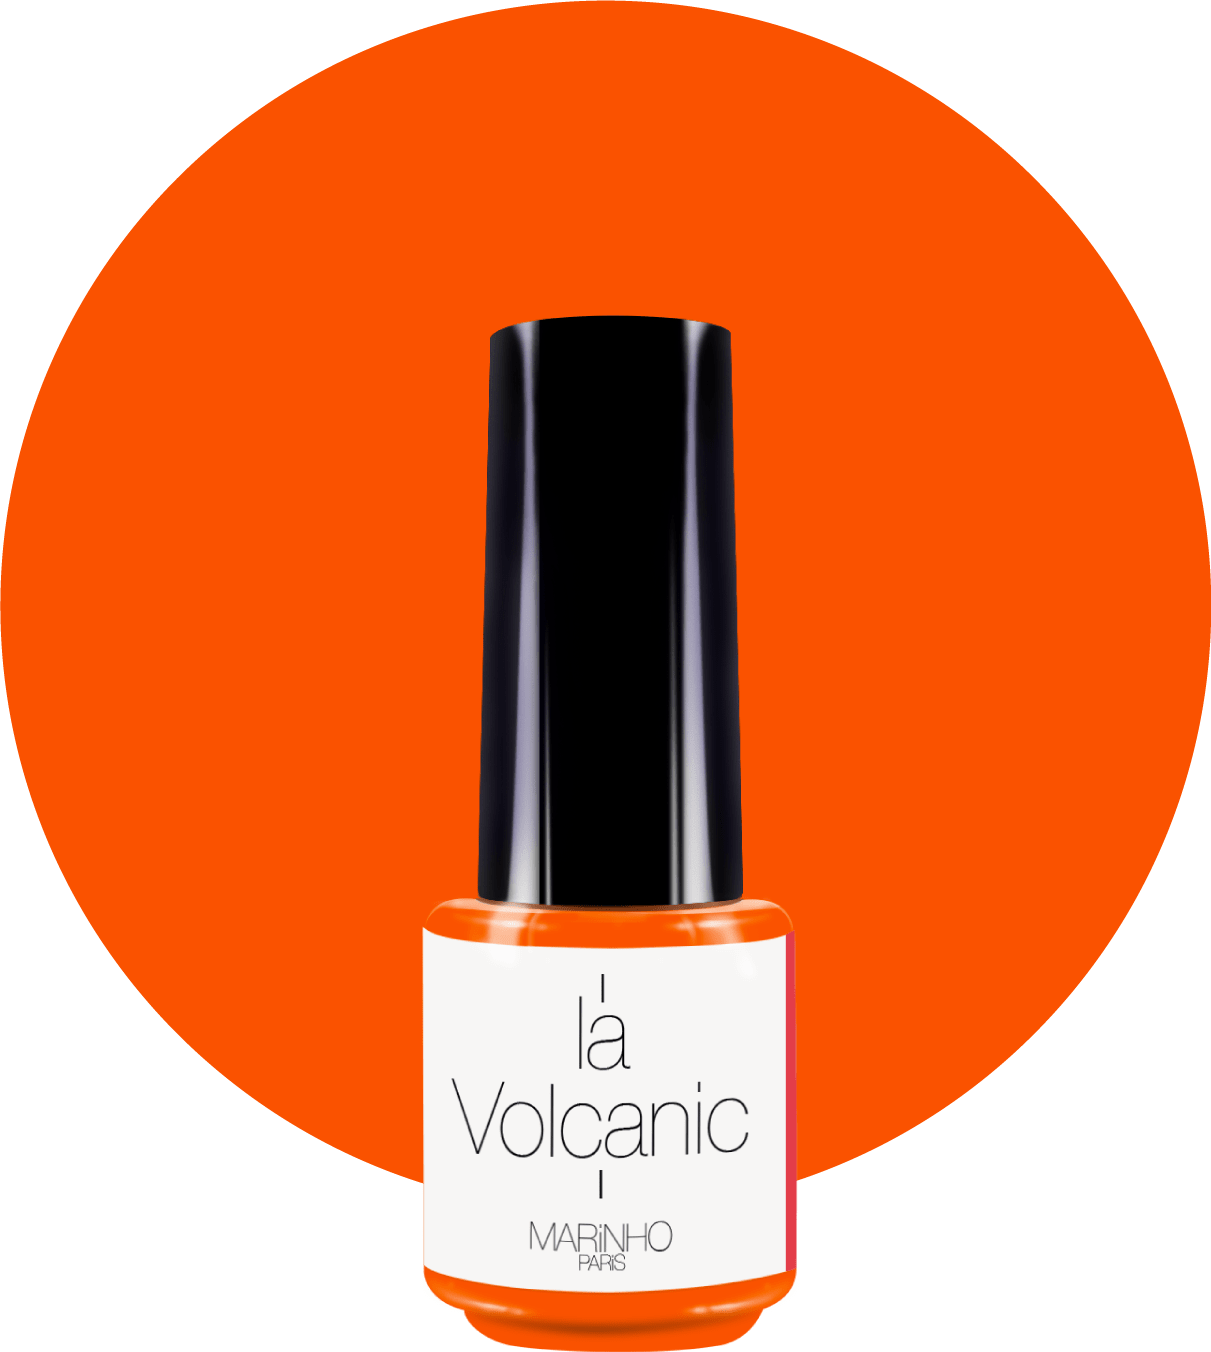 vernis semi-permanent orange fluo marinho paris sur rond orange fluo